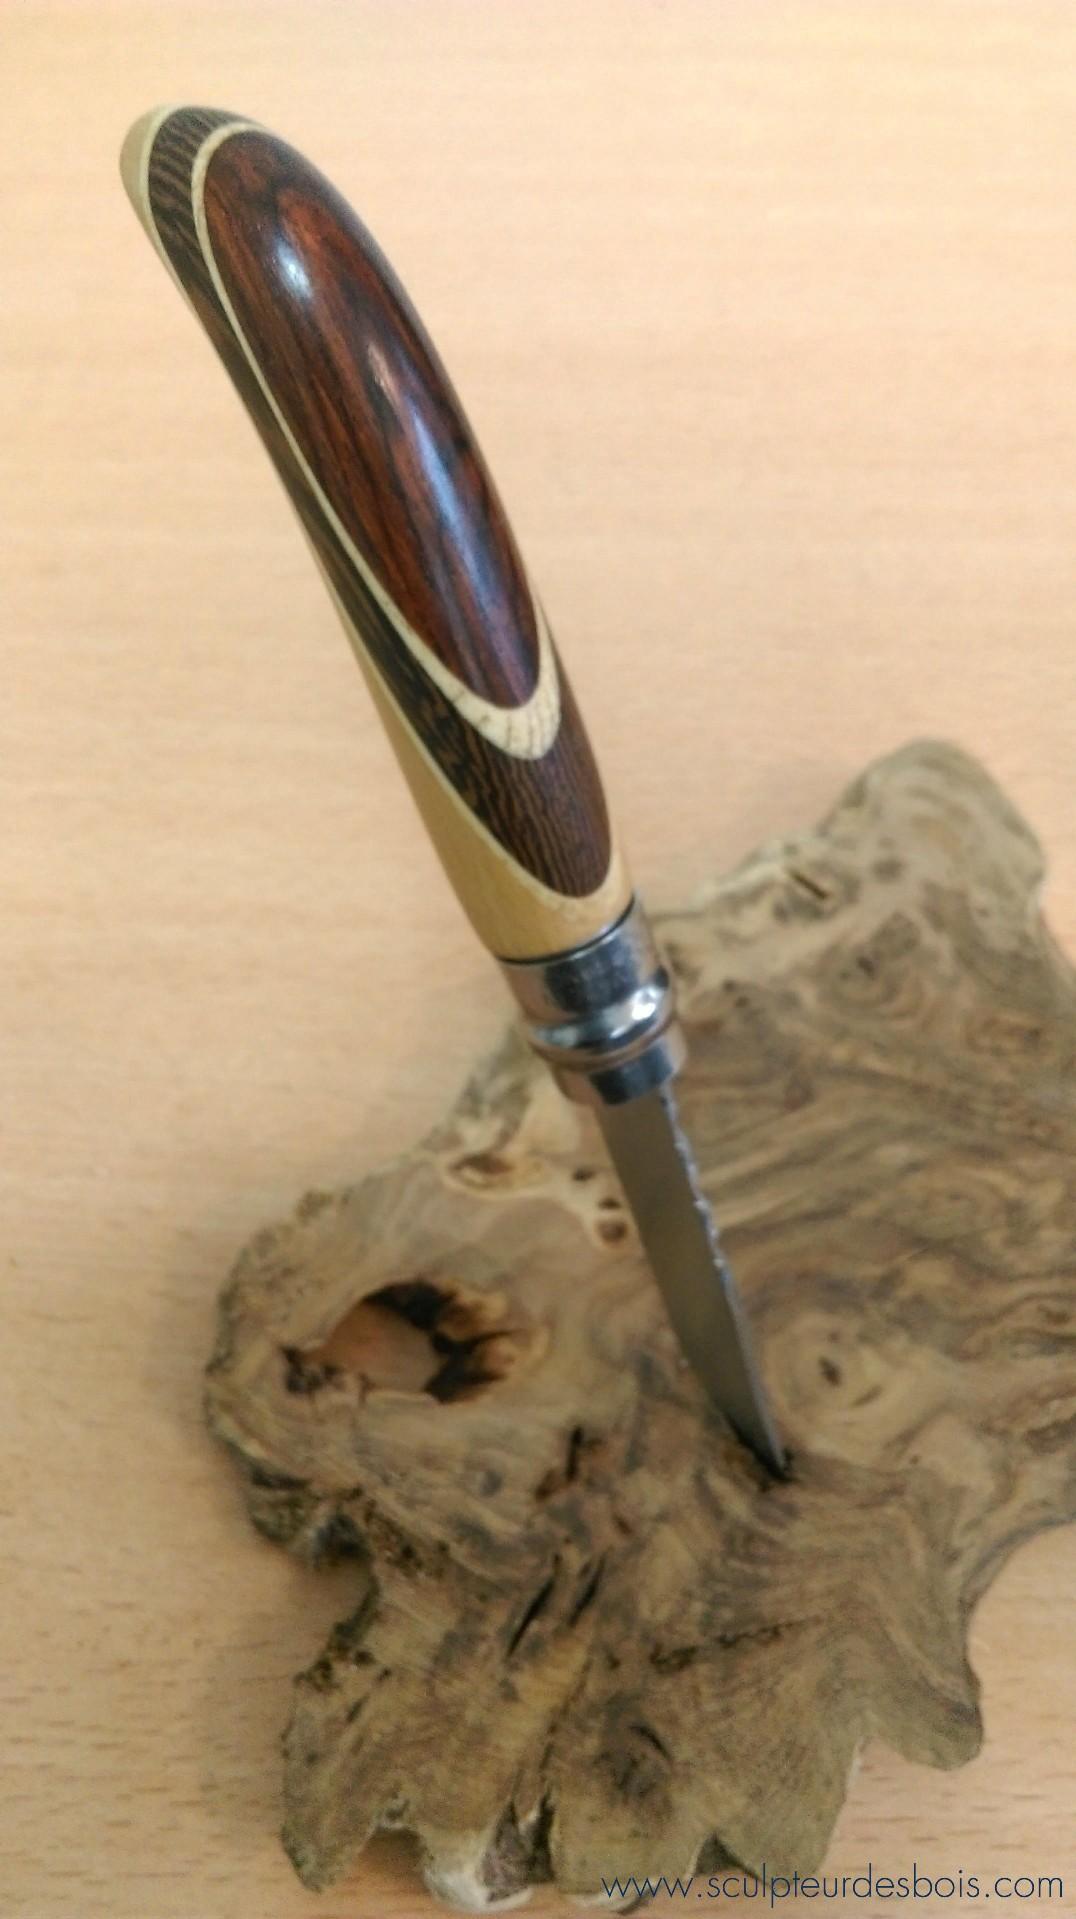 Opinel n°8 manche en wengé, bois de violette et filets en peuplier sur une base en hêtre